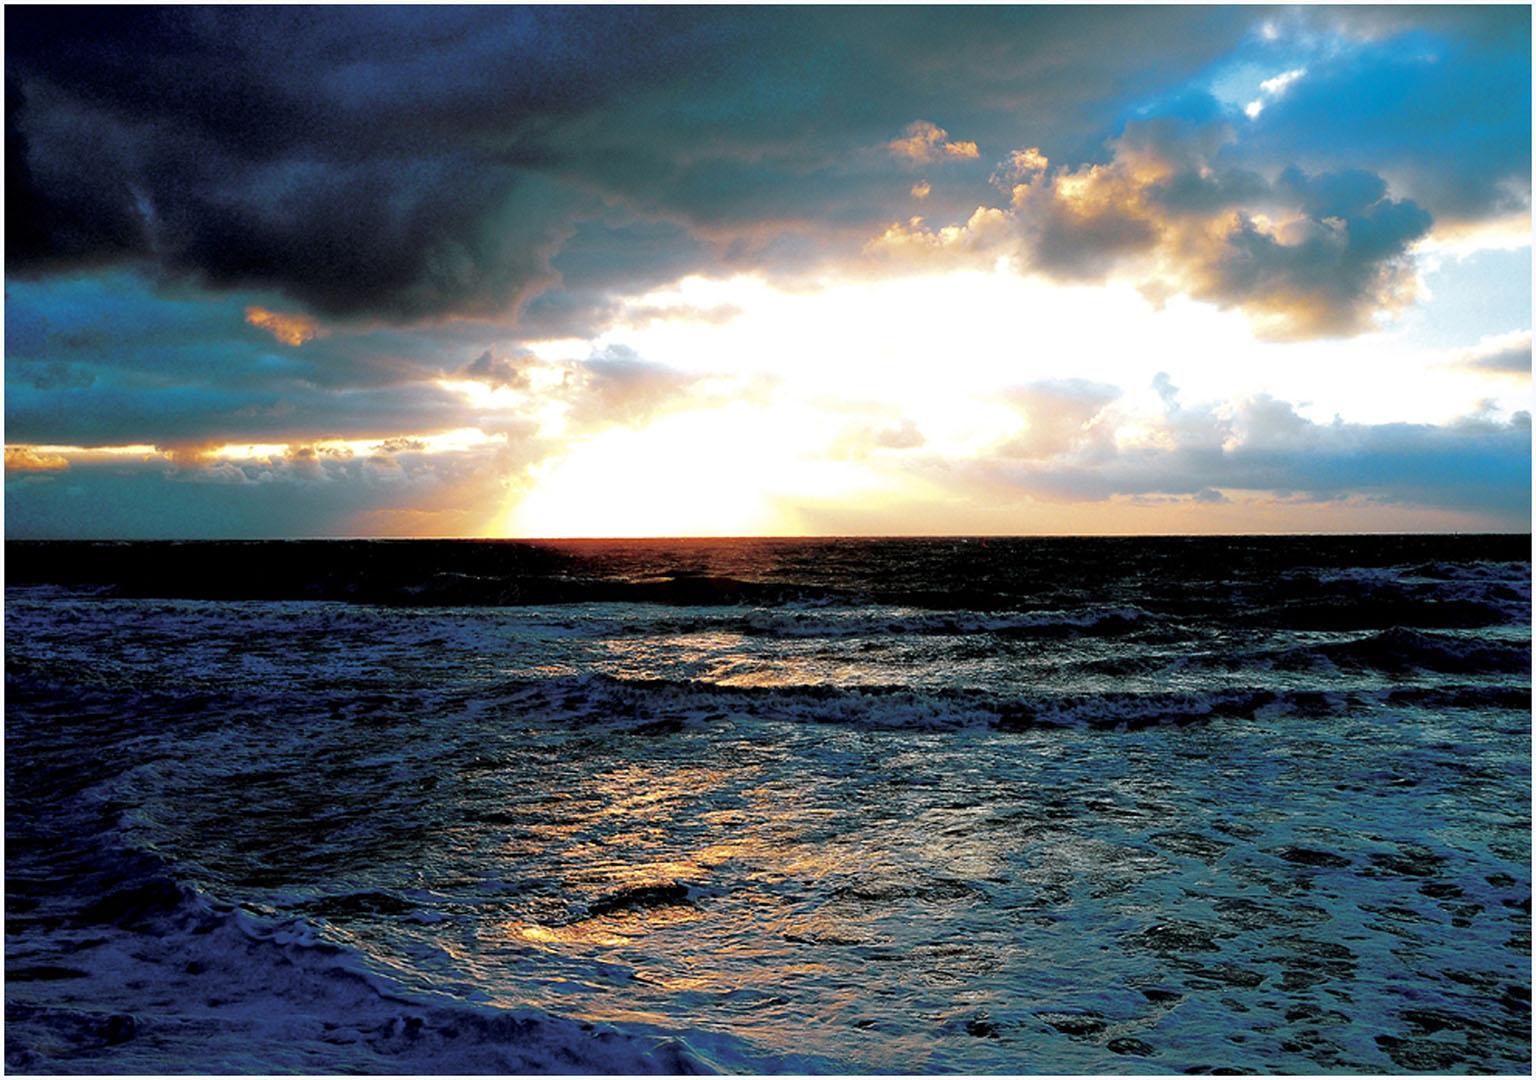 North_Sea_Water_118_N09.2-22